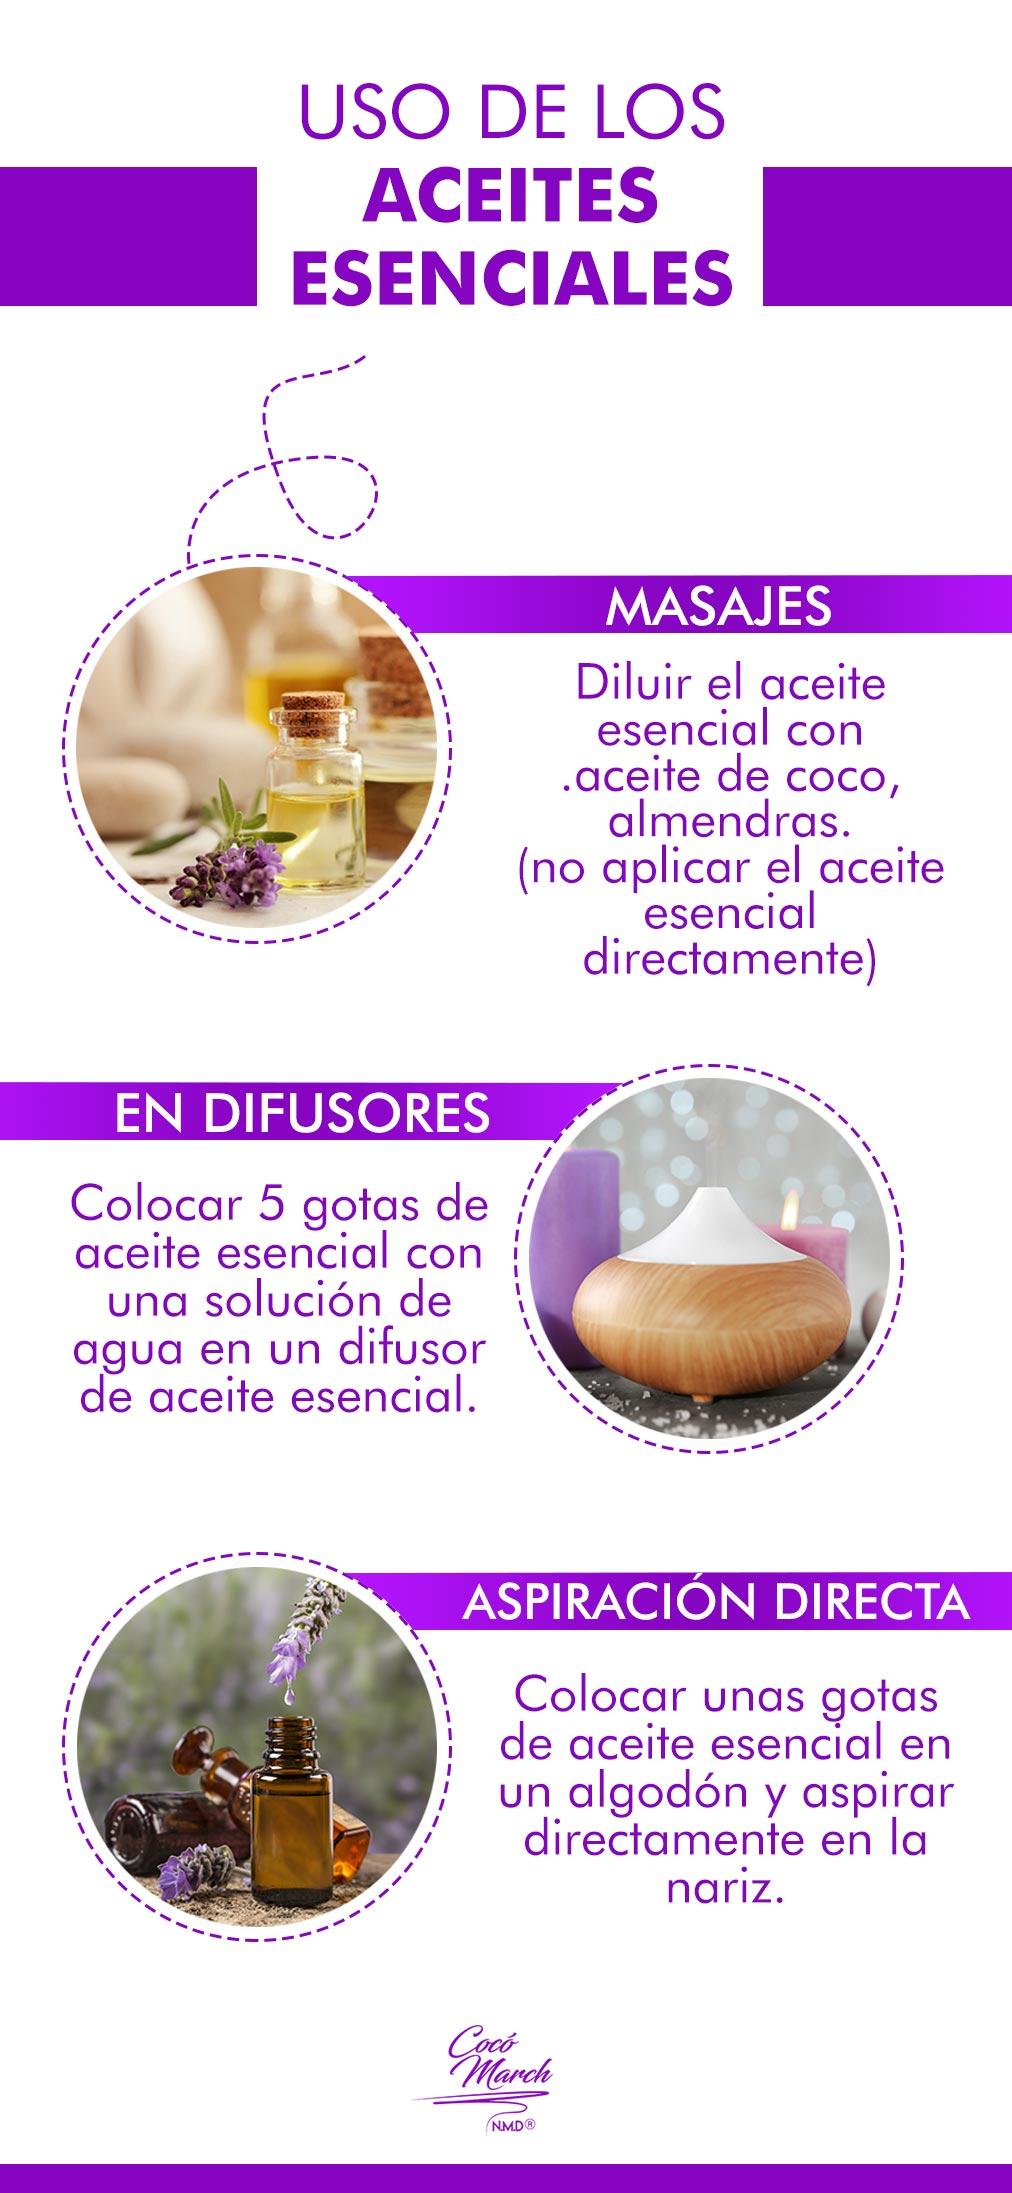 aceites-esenciales-usos